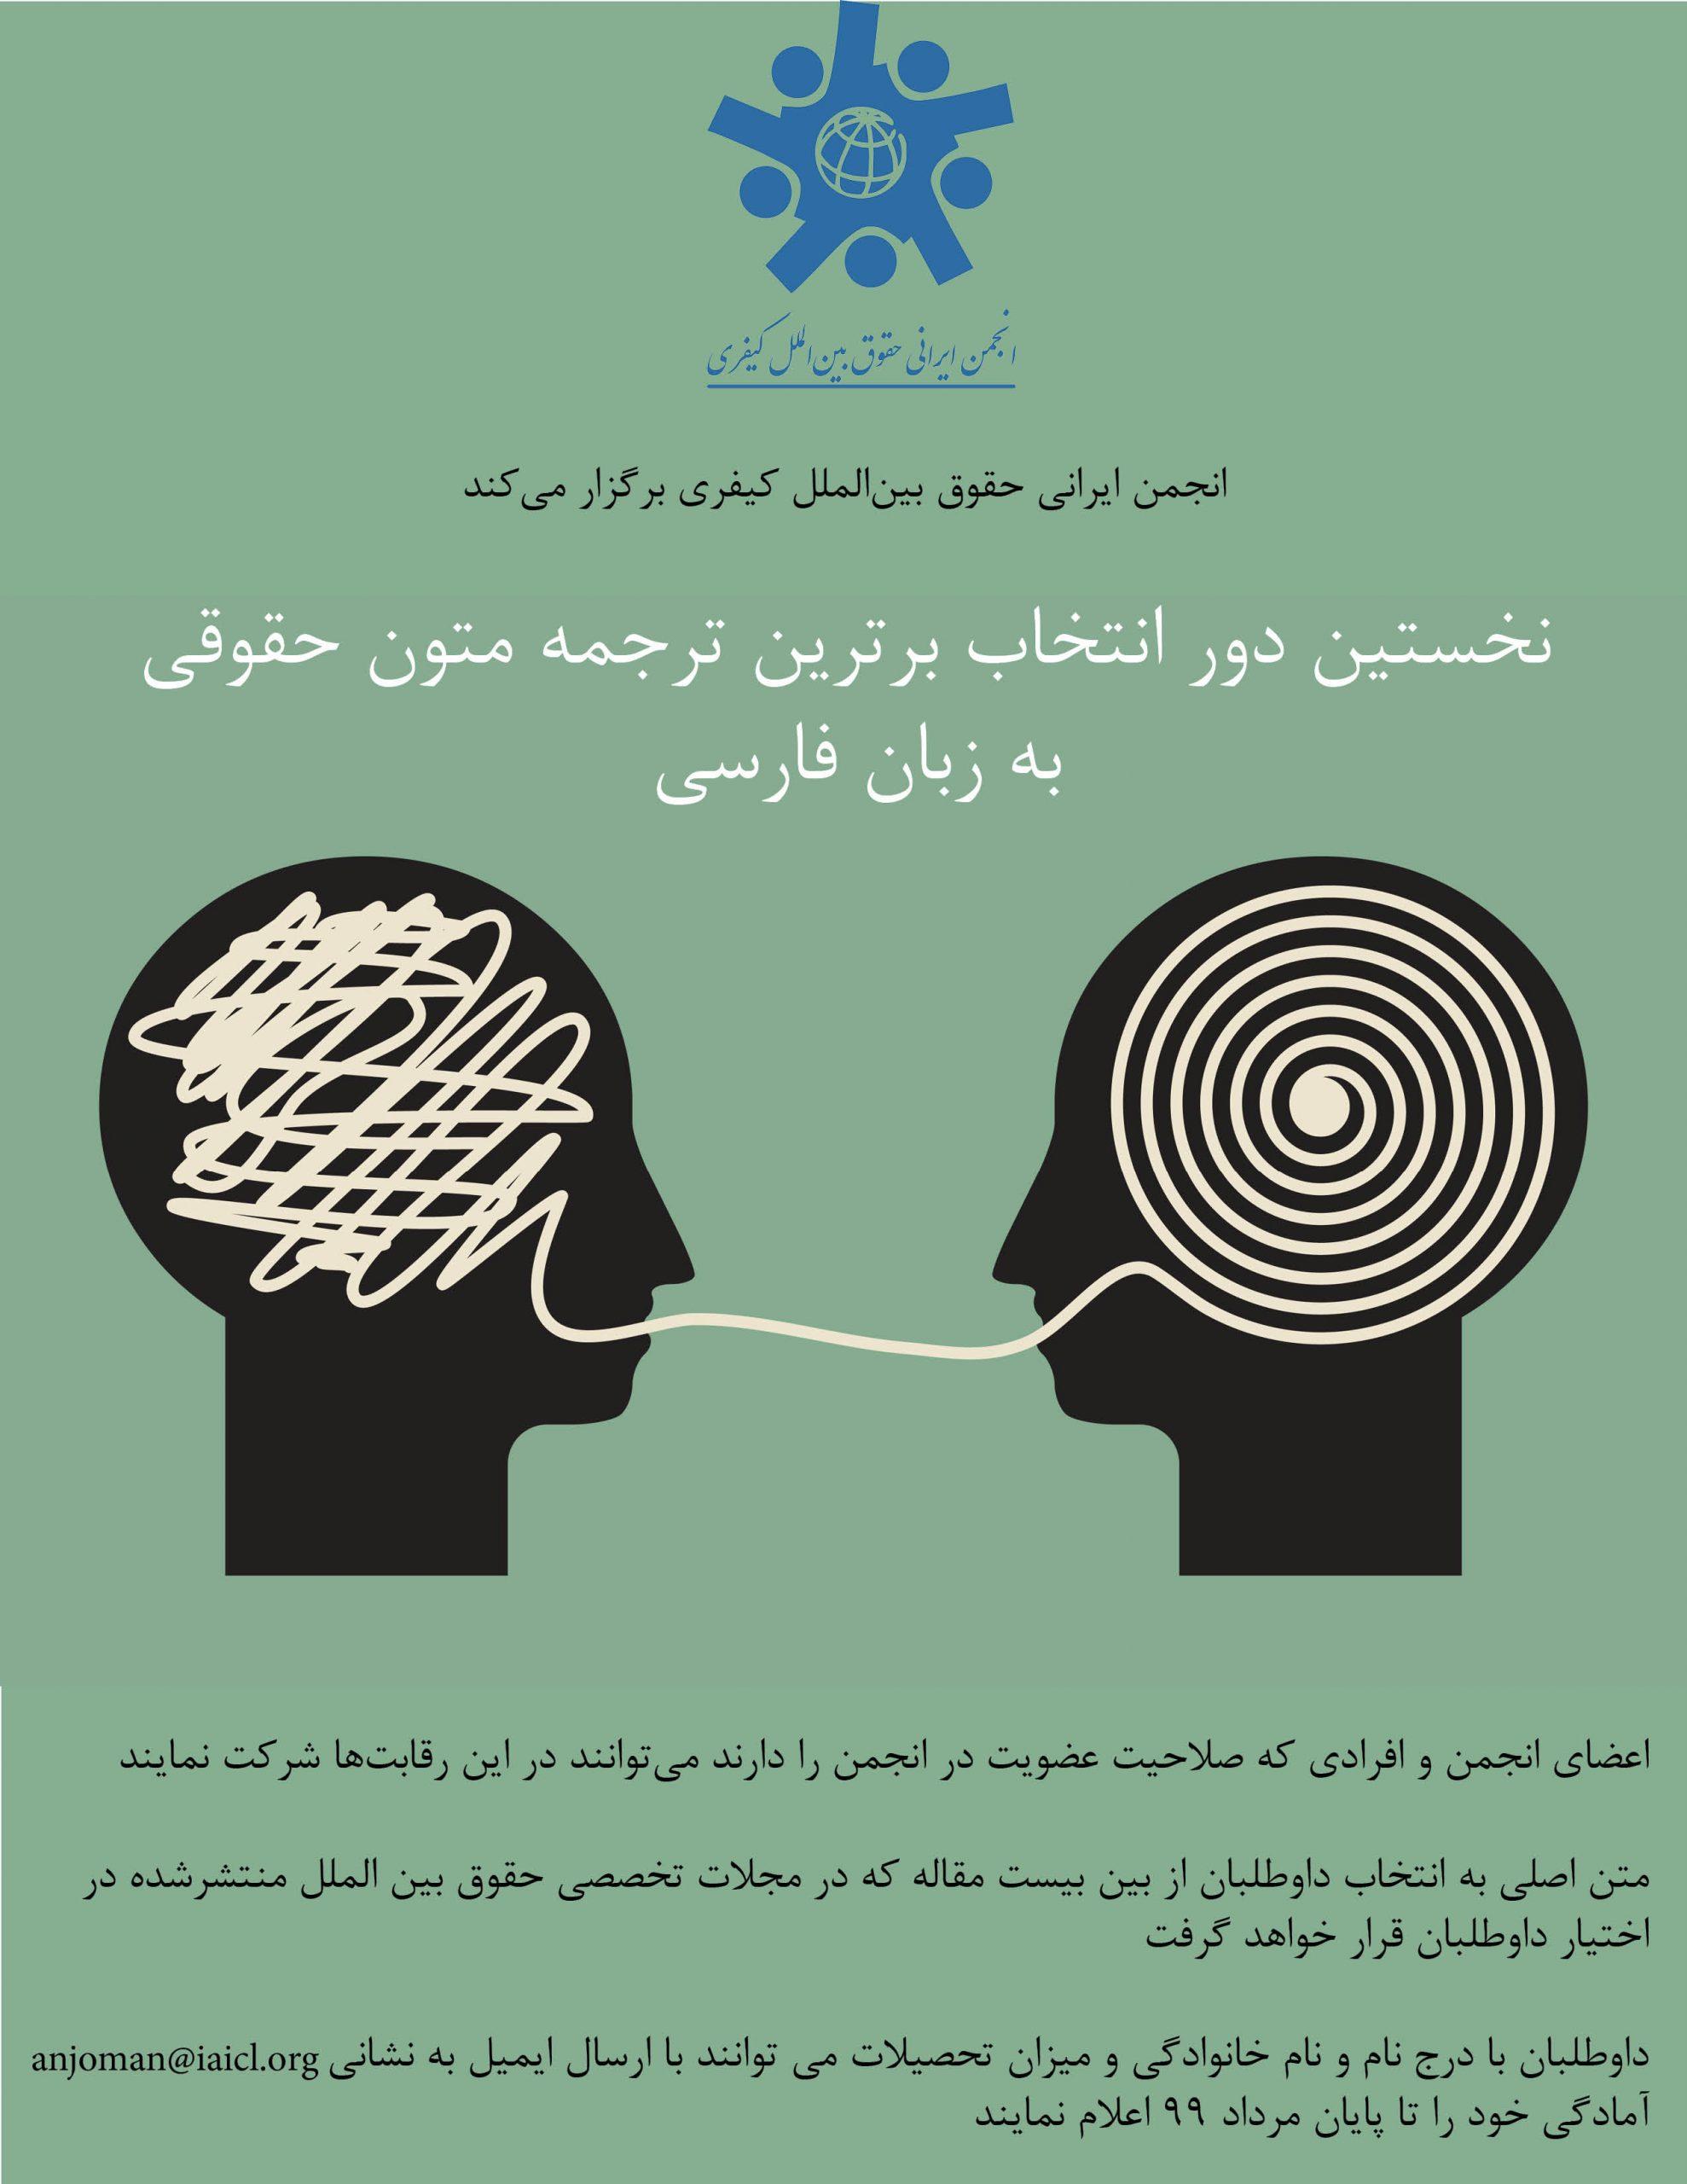 نخستین دور انتخاب برترین ترجمه متون حقوقی ( حقوق بینالملل کیفری ) به زبان فارسی